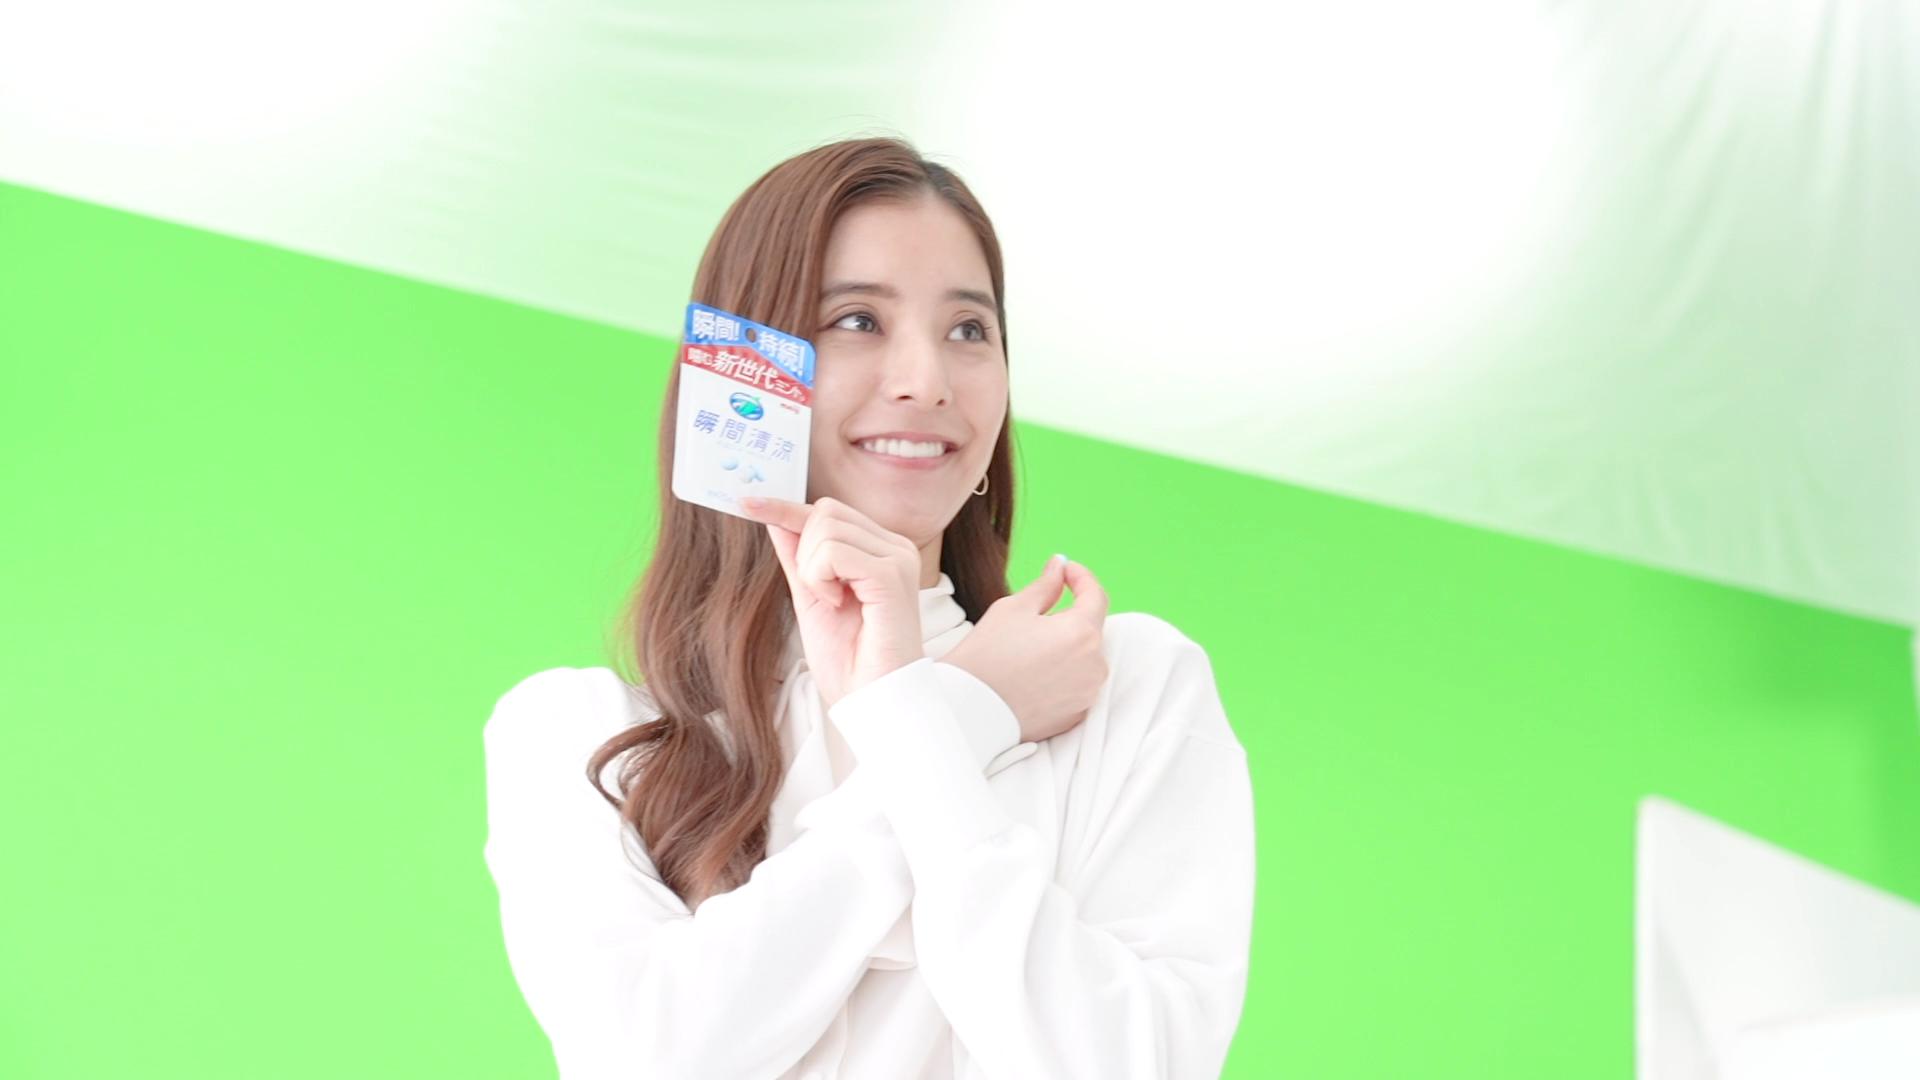 新木優子(あらき ゆうこ)/瞬間清涼CM 女優、モデル